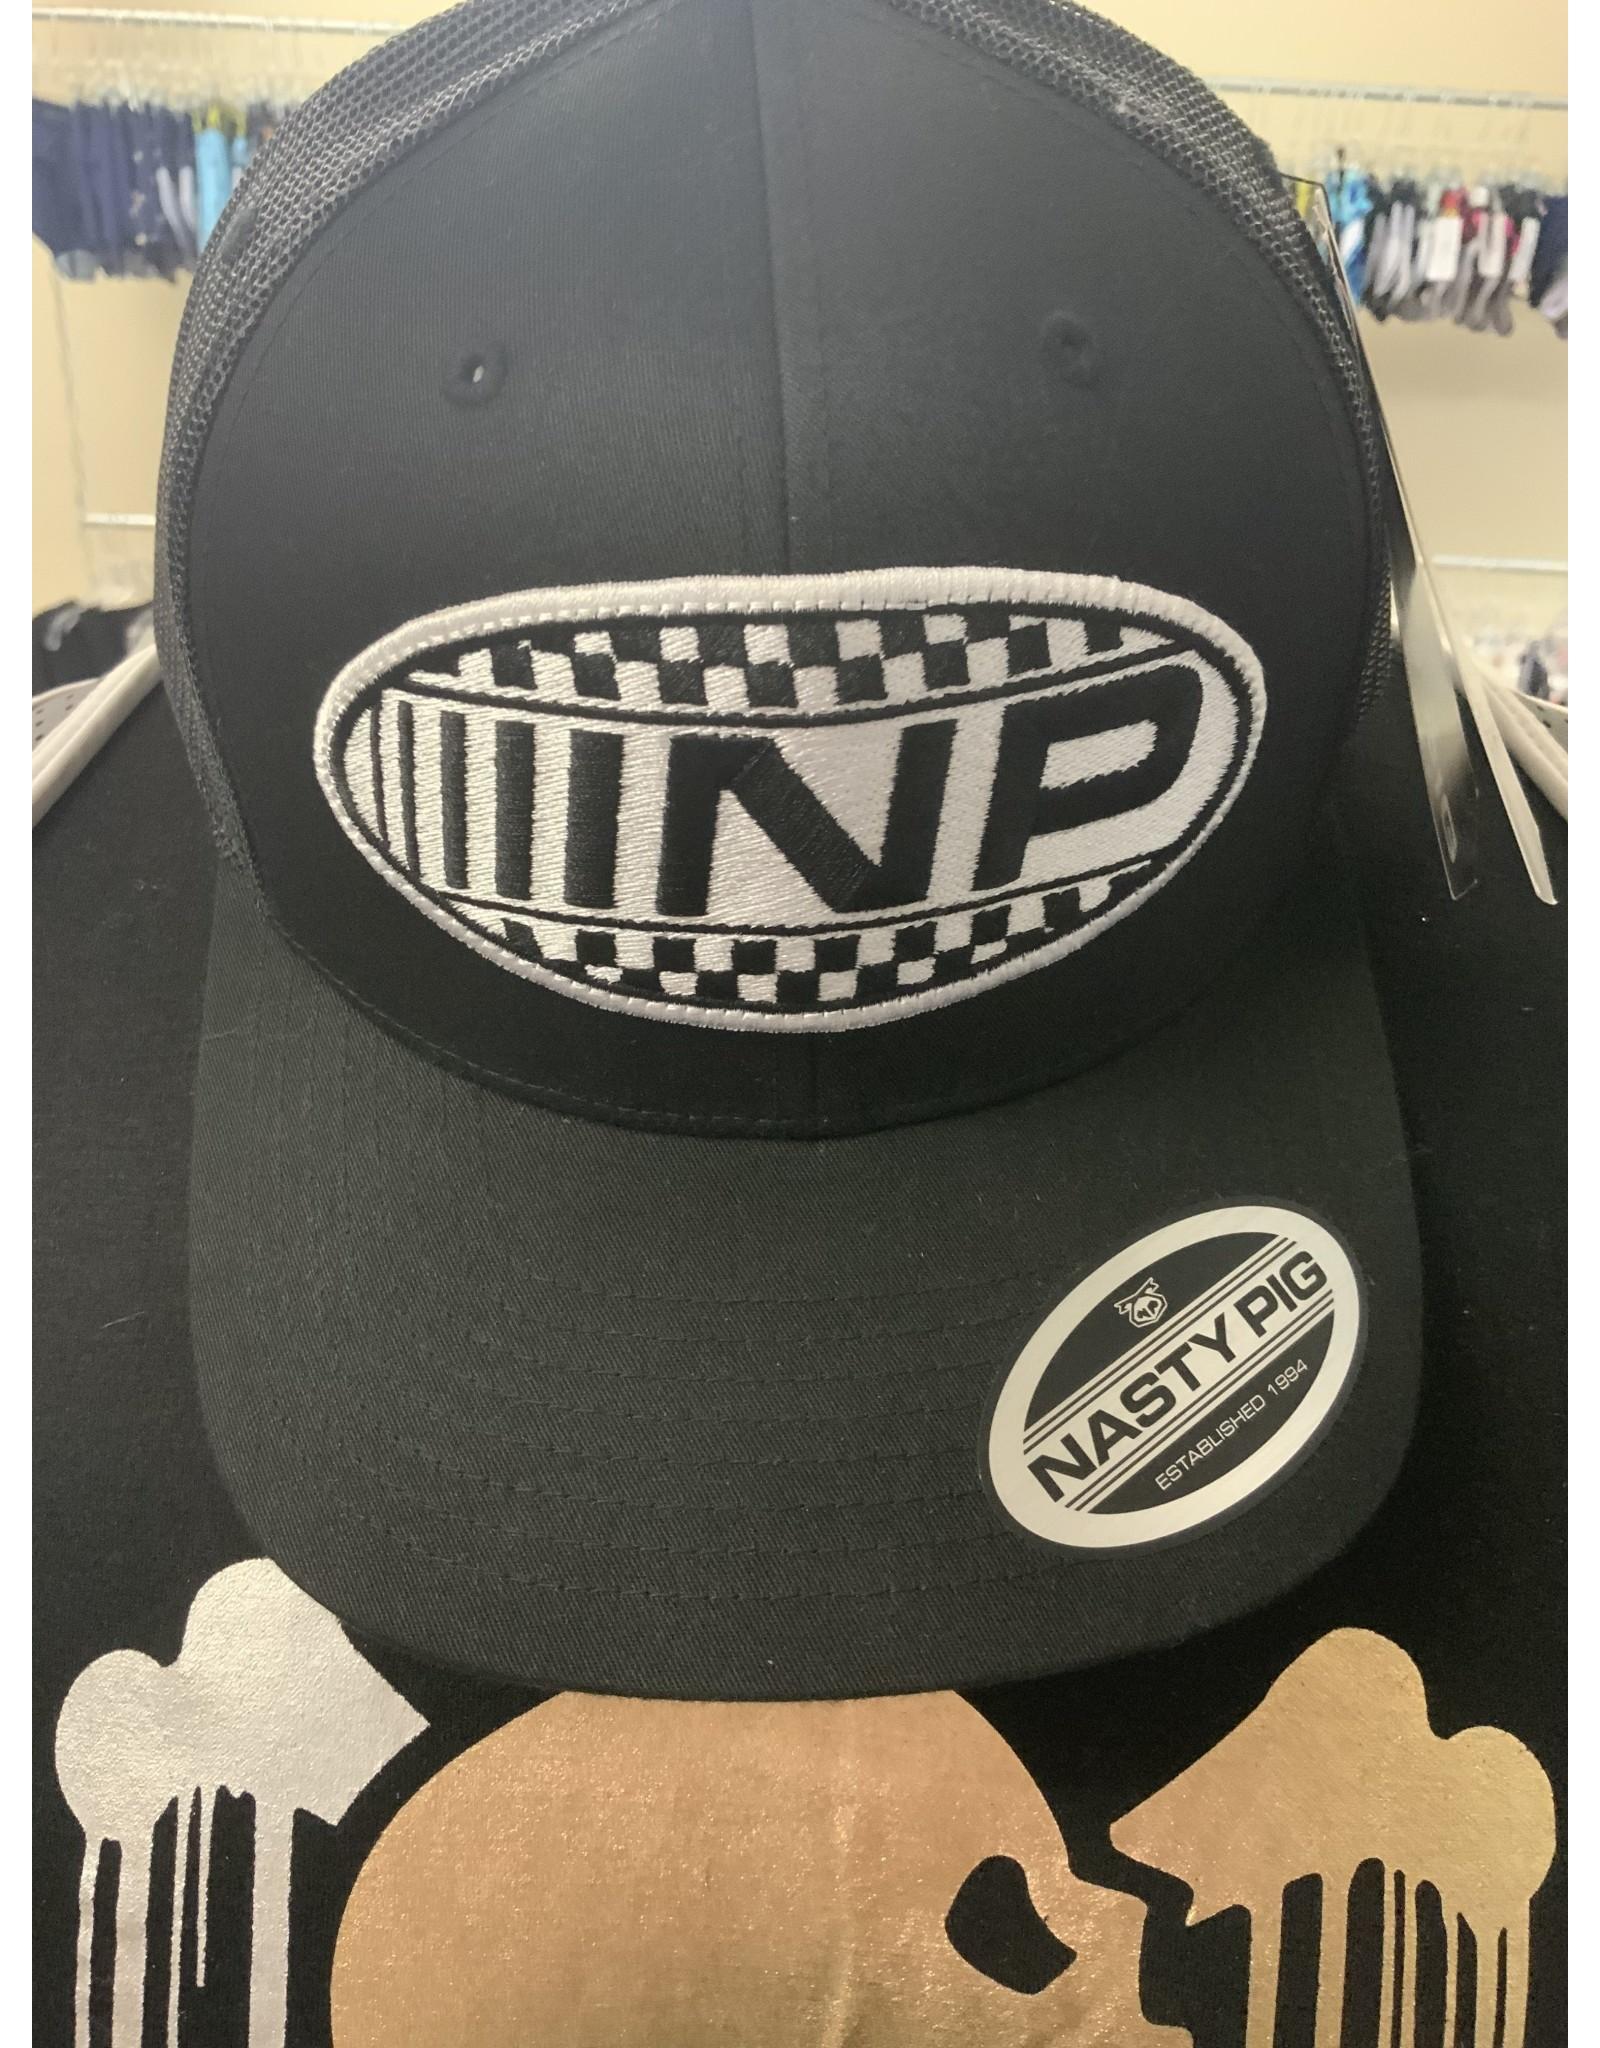 Nasty Pig Racing Division Cap